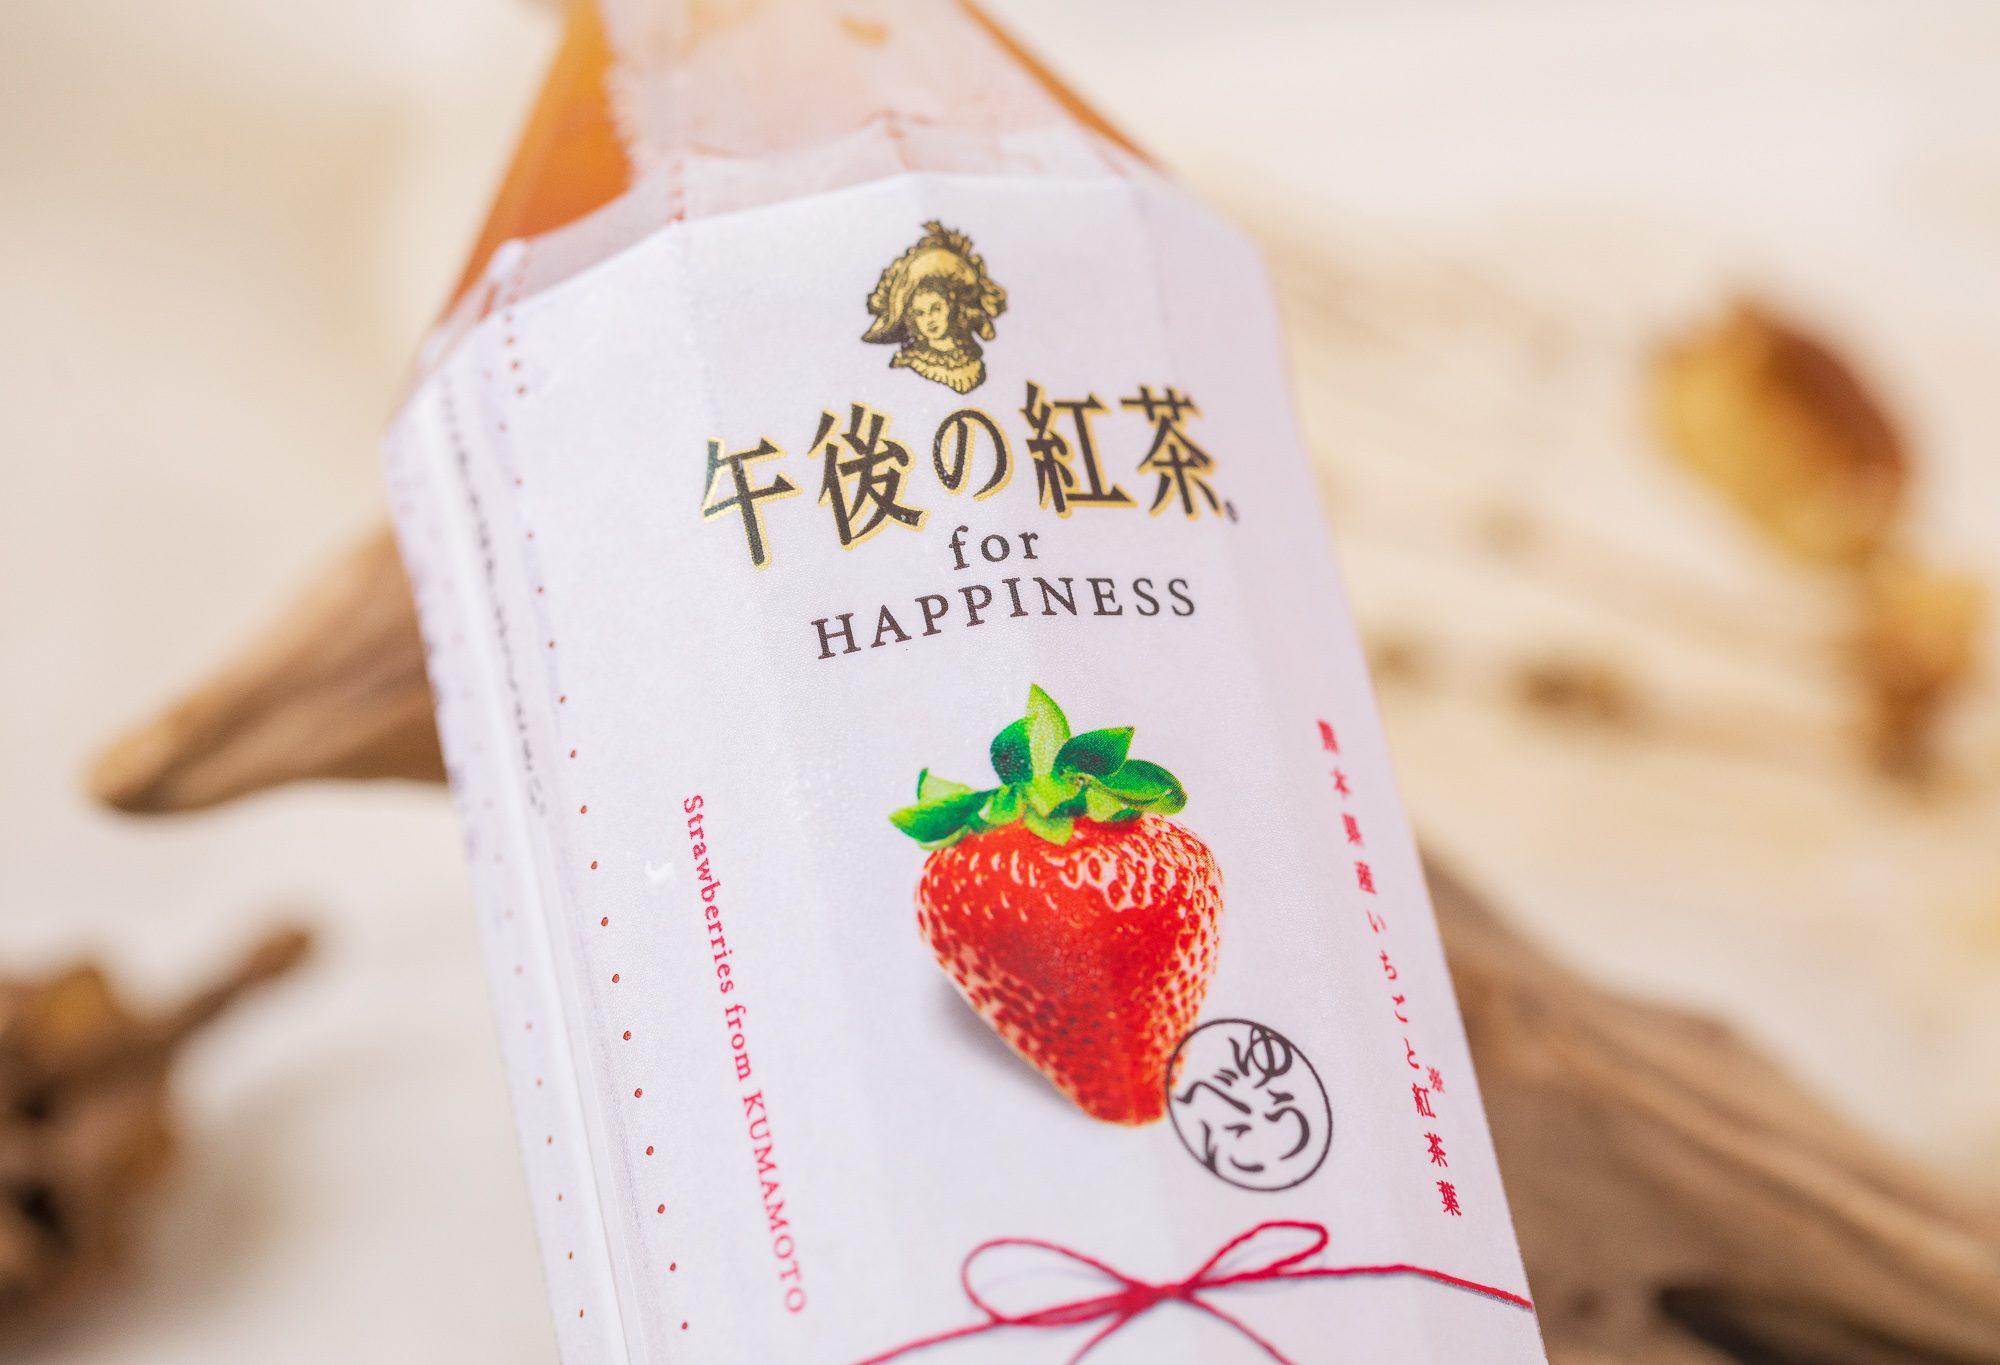 キリン『午後の紅茶 for HAPPINESS 熊本県産いちごティー(数量限定) 500ml ペットボトル』は豊かで華やかないちごの香りと大人っぽい紅茶葉の香りが贅沢なフレーバーティー!